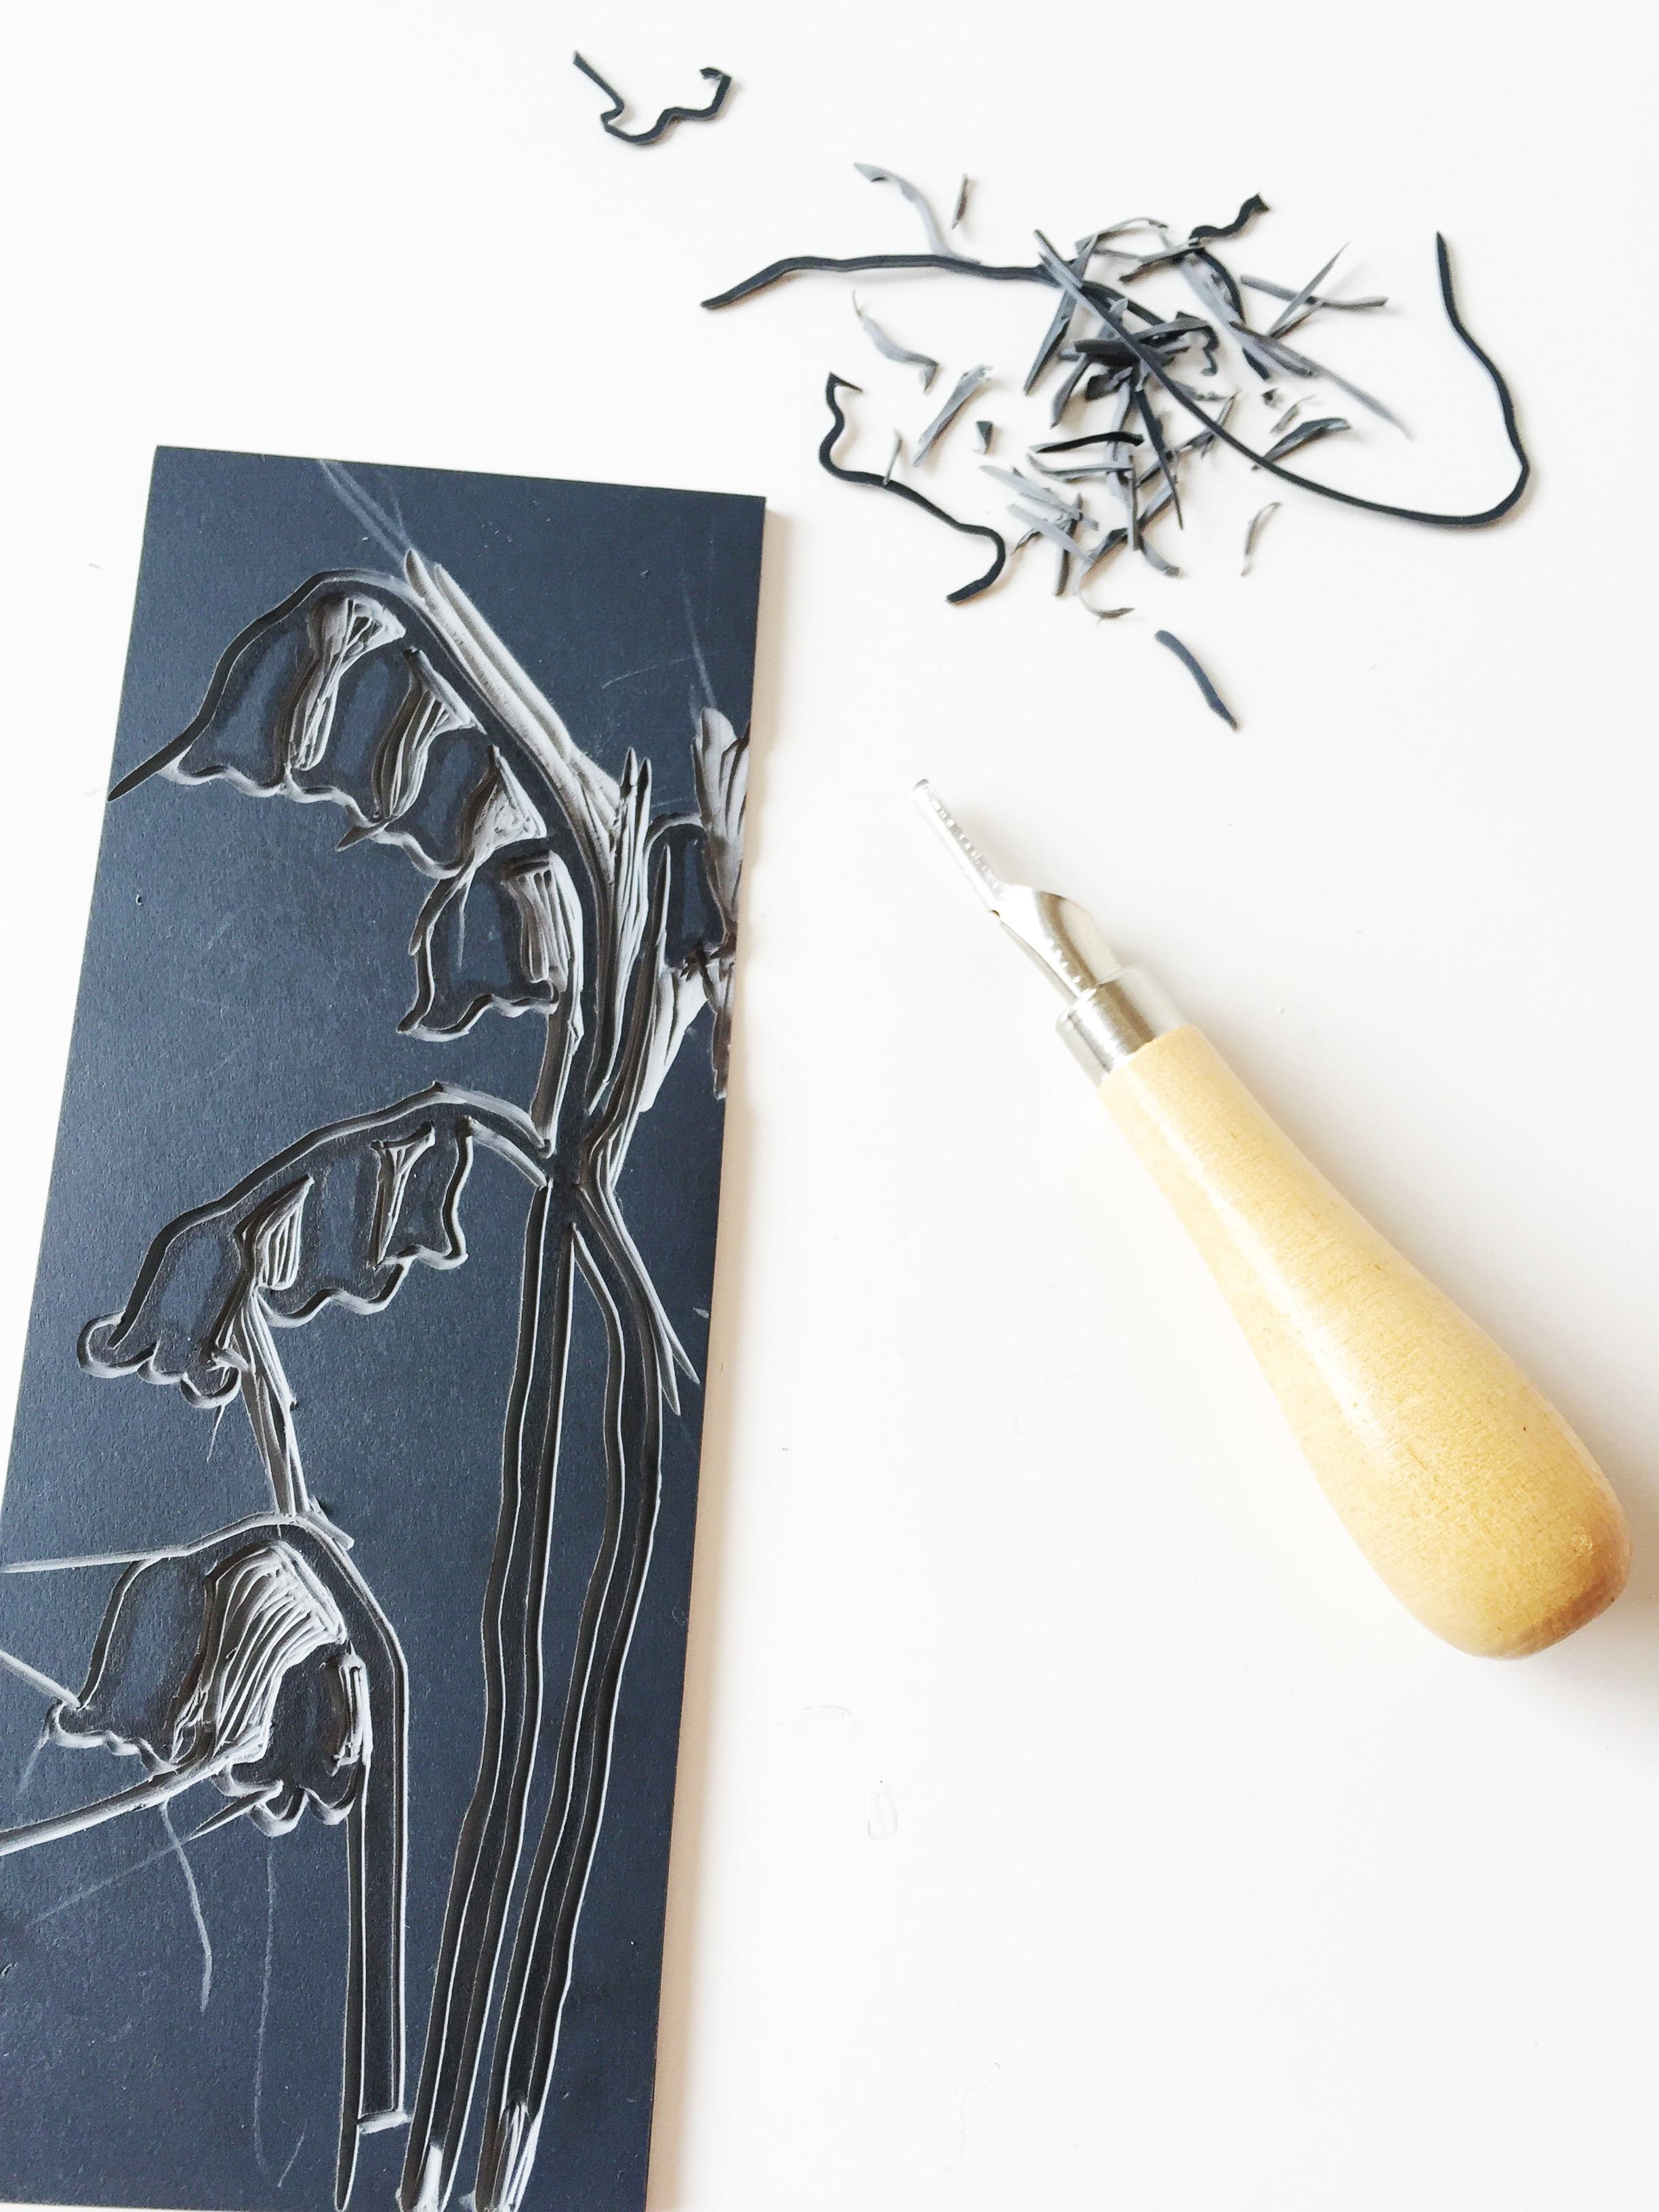 lino cutting 3